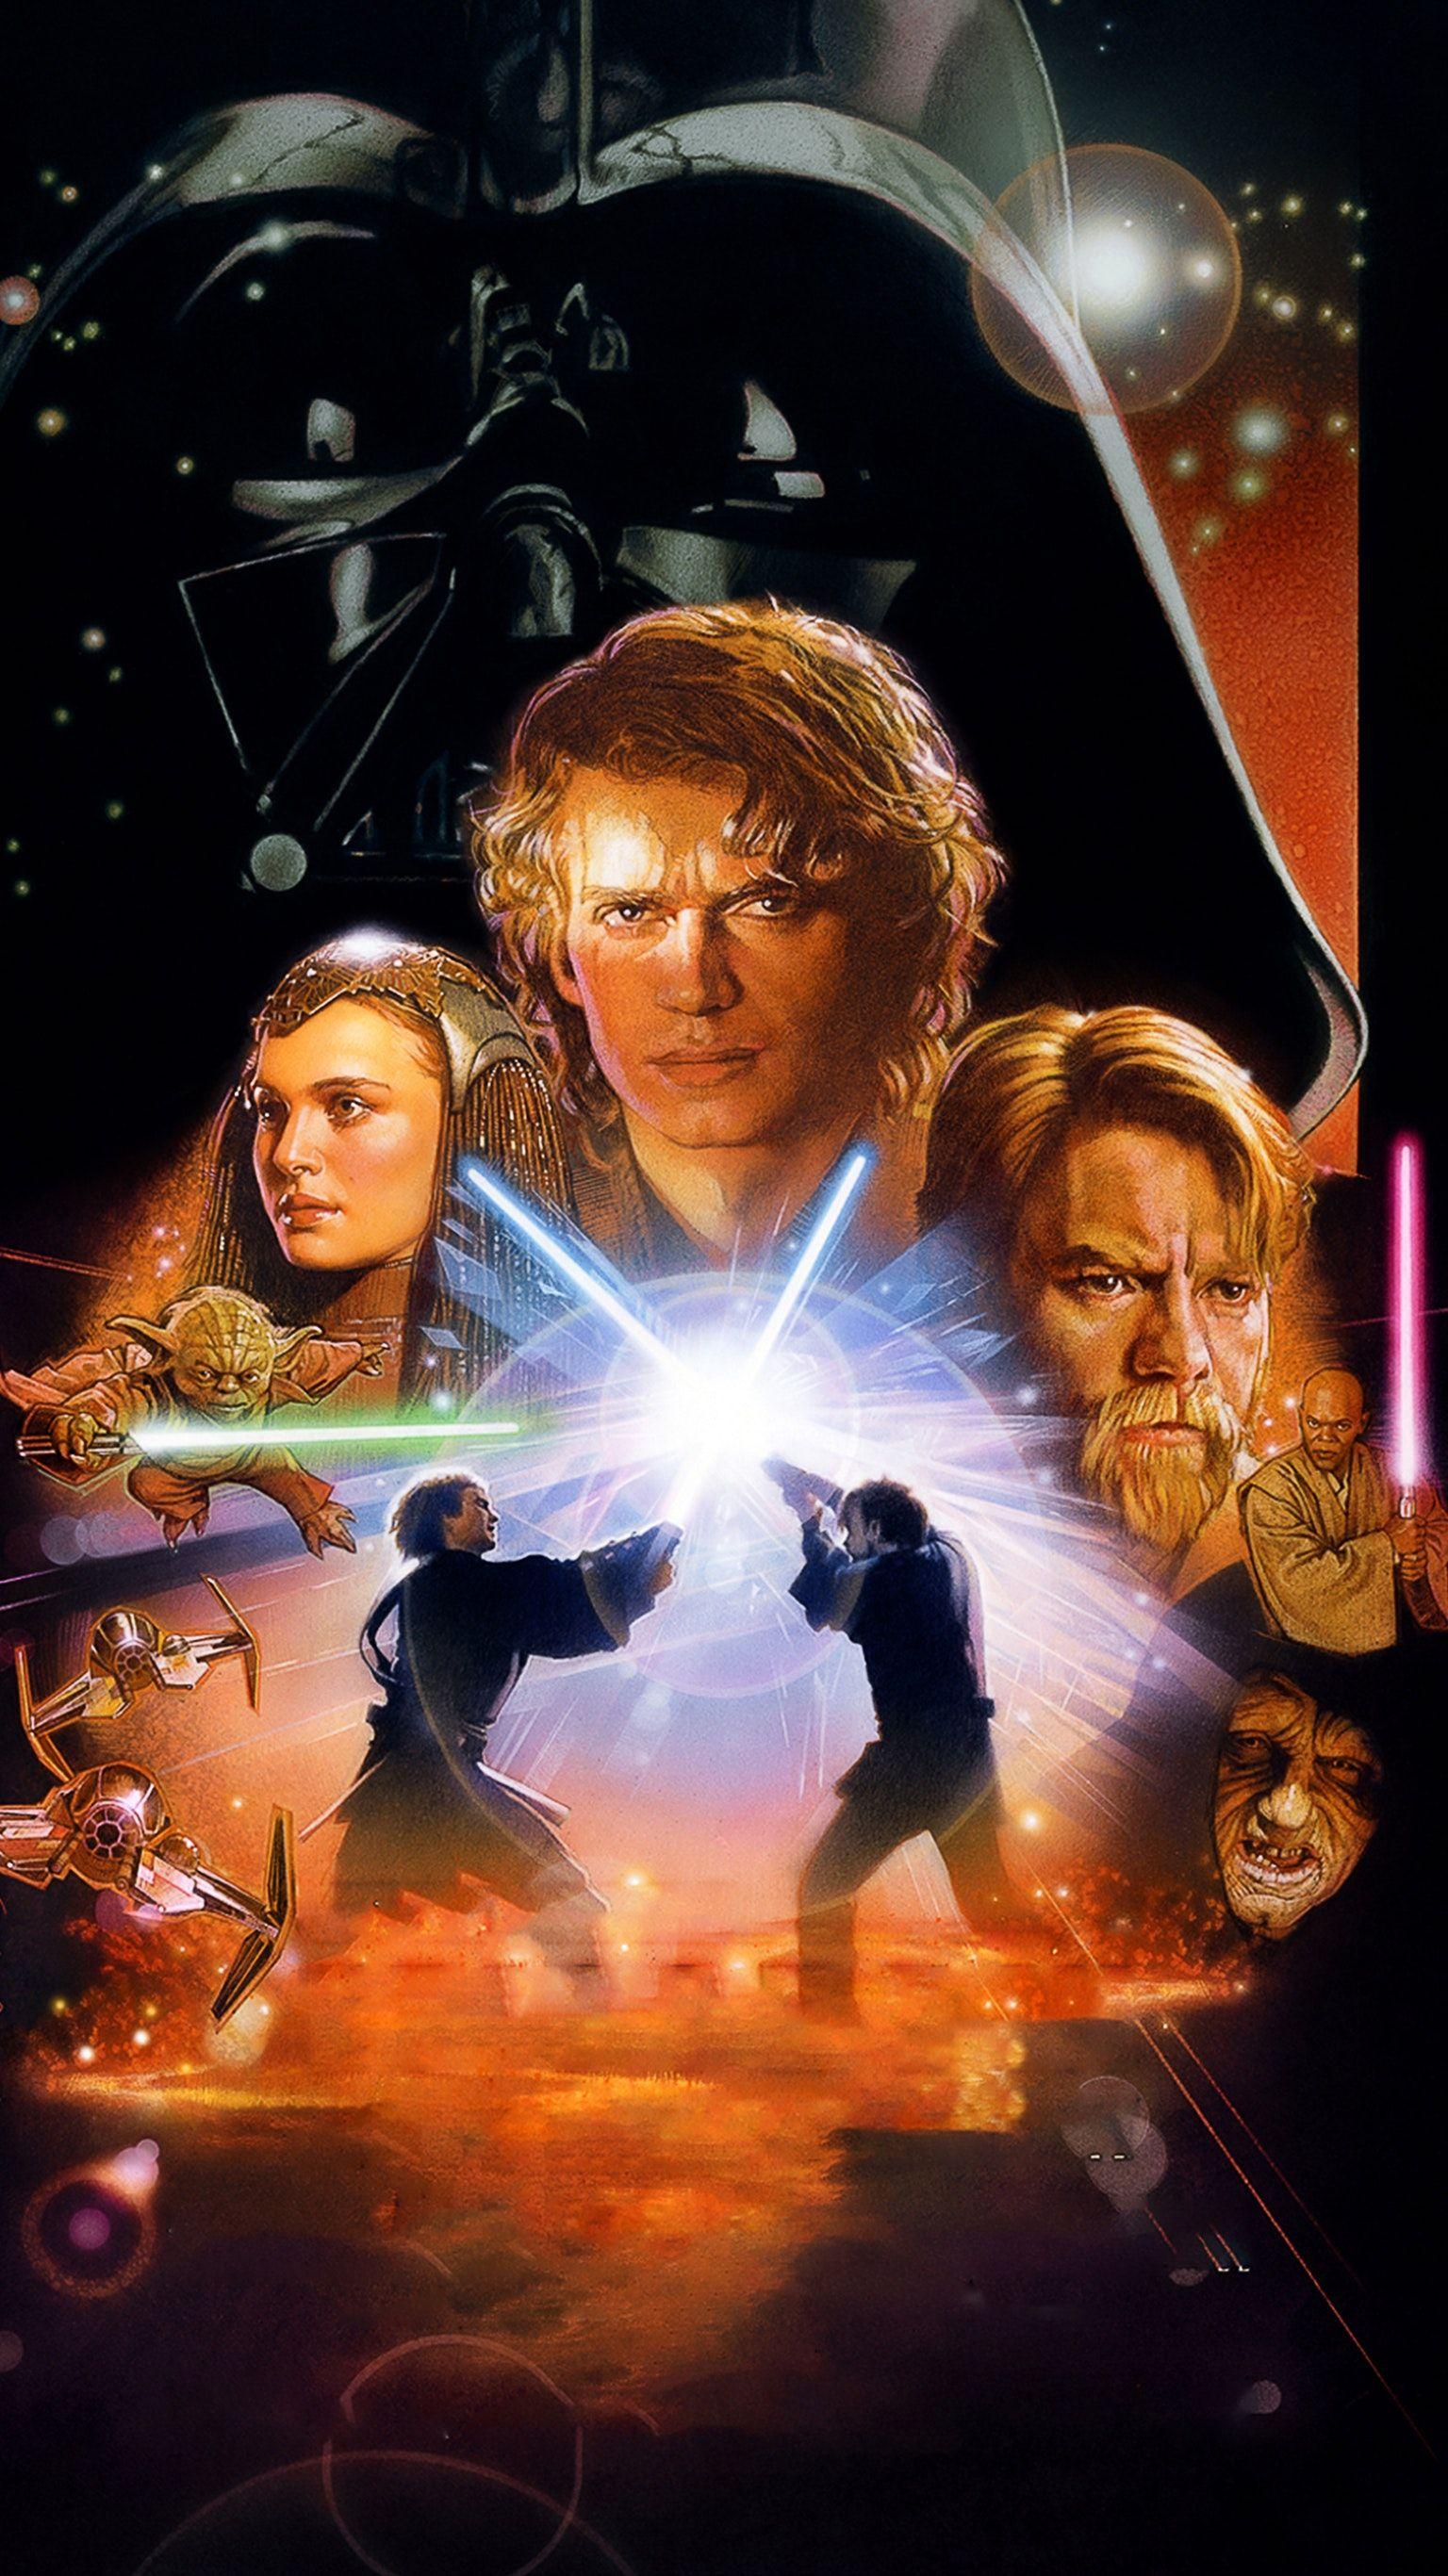 Die Rache Der Sith, Movie Plot, 3 Movie, Movie Revenge, Science Fiction